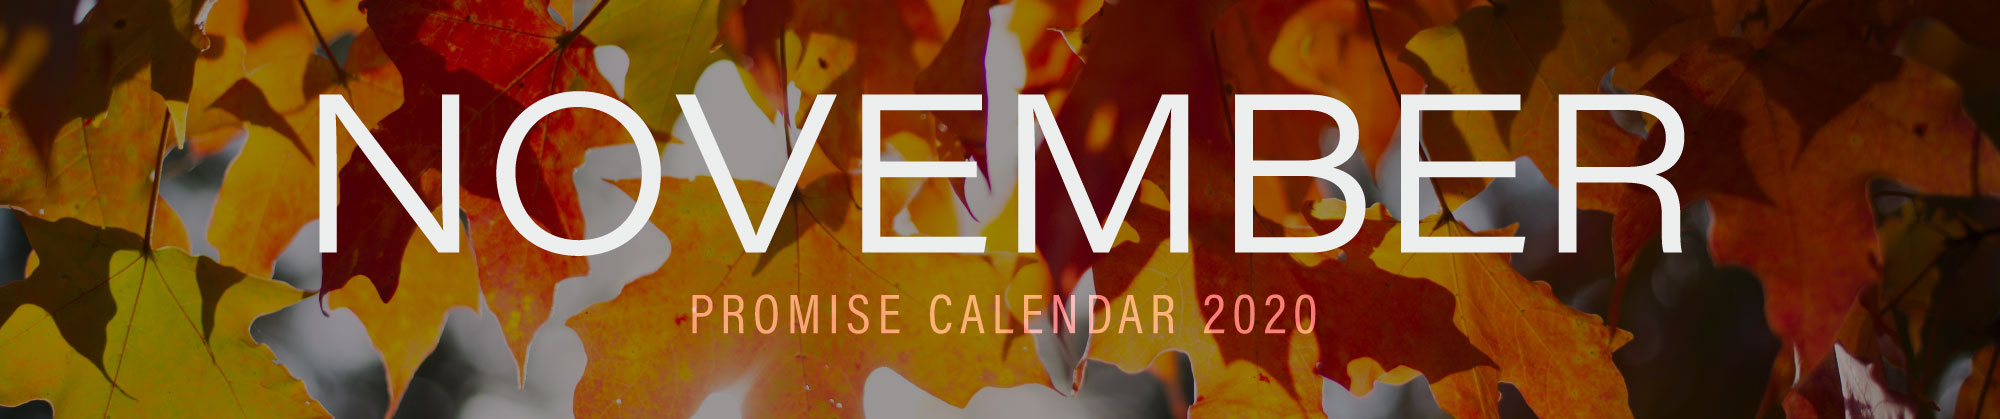 November 2020 Promise Calendar Header